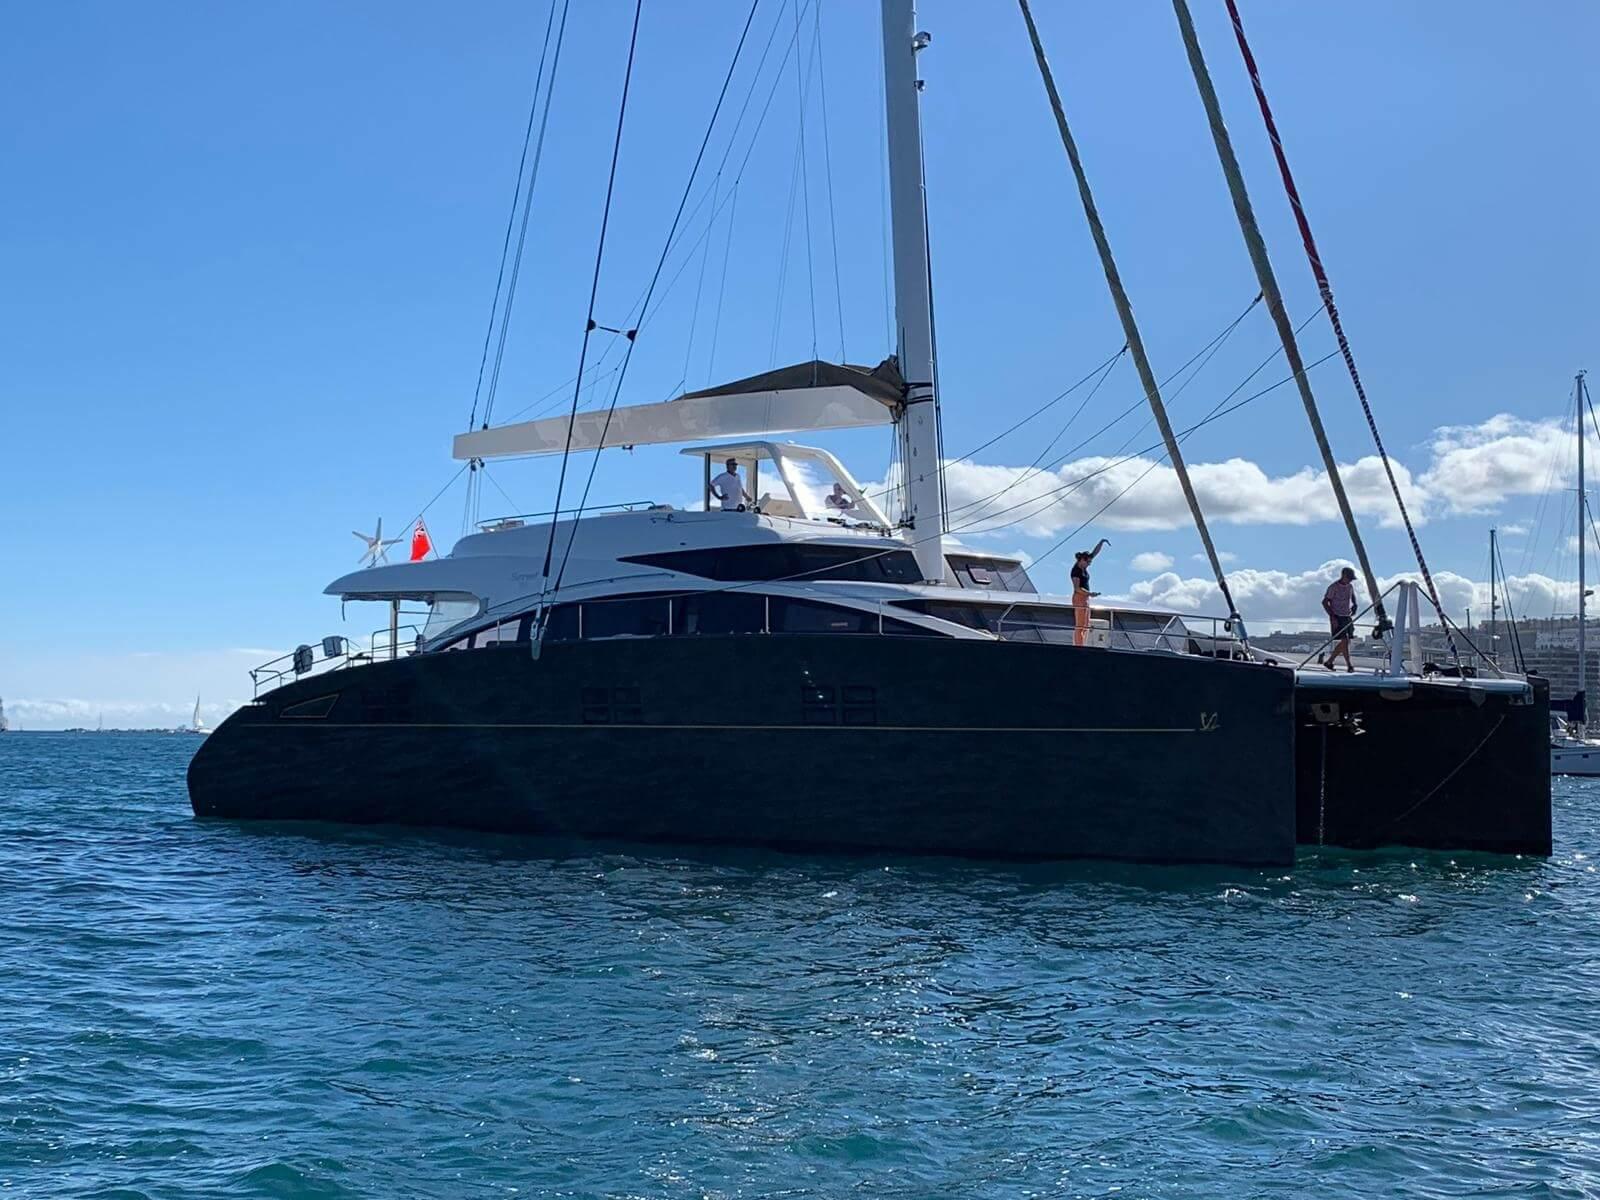 Walkthrough of a Sunreef 82 catamaran